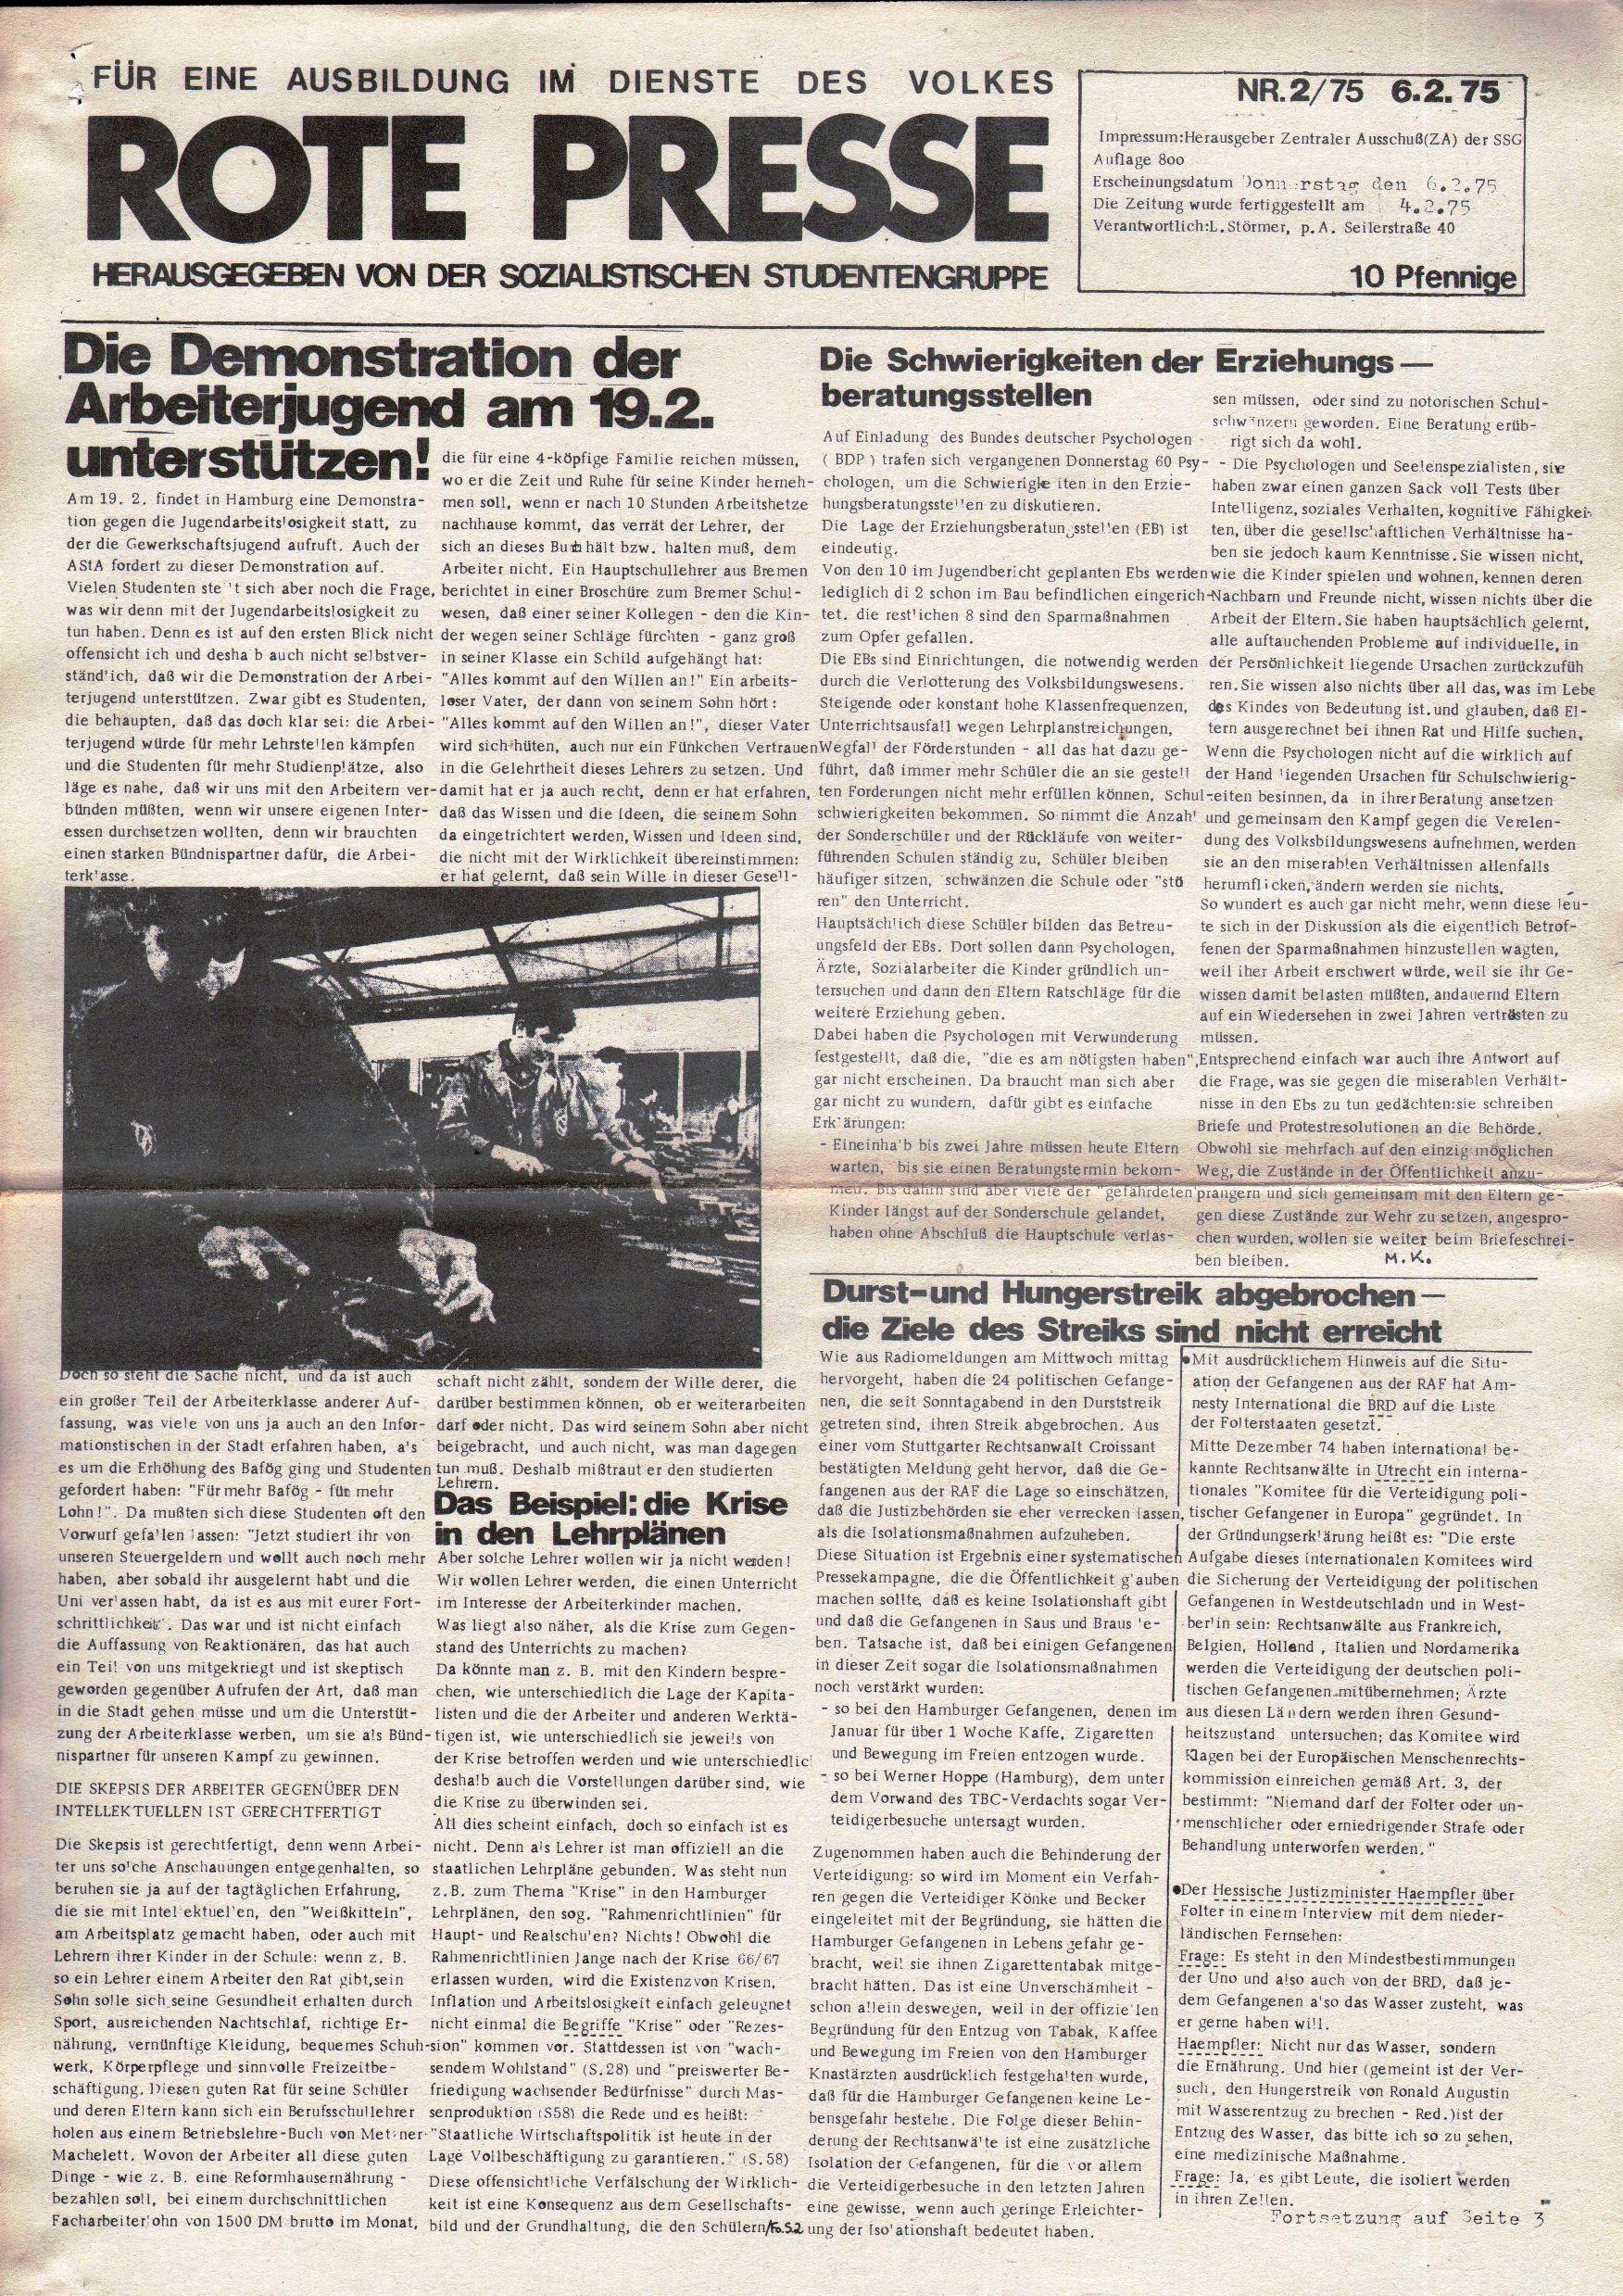 Hamburg_Rote_Presse464